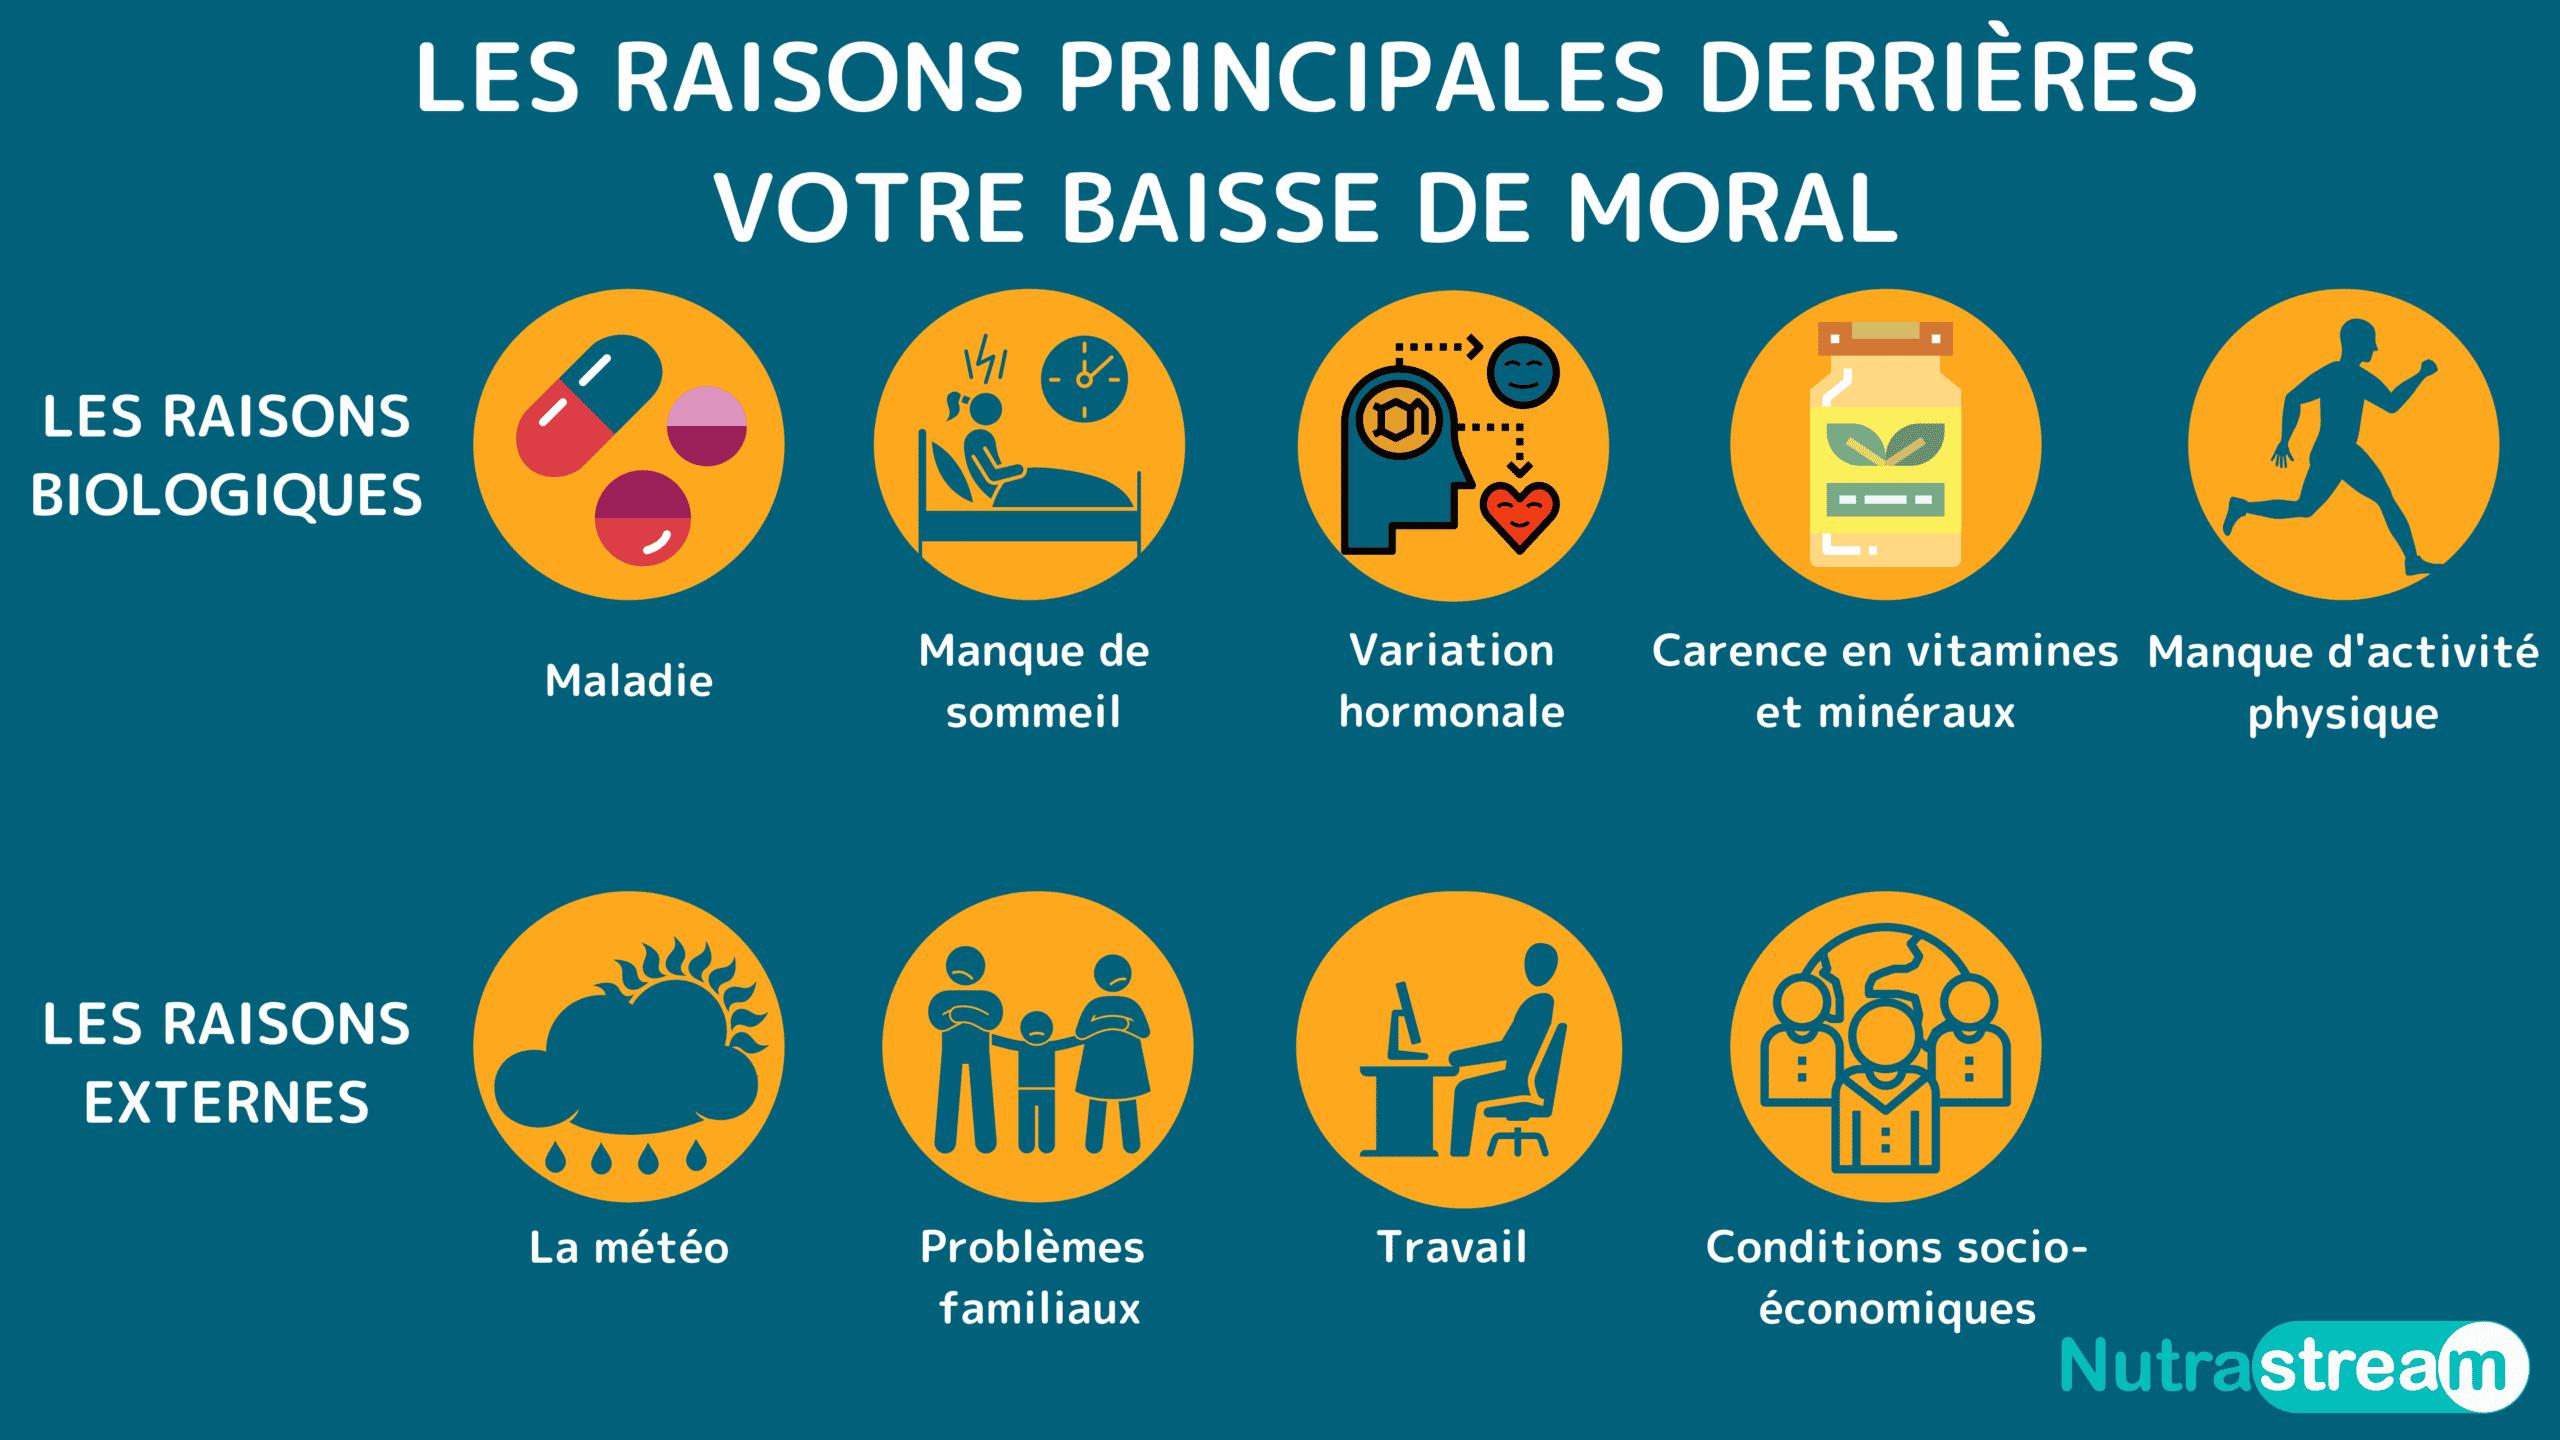 Les raisons intérieures et extérieures qui exploiquent une baisse de moral